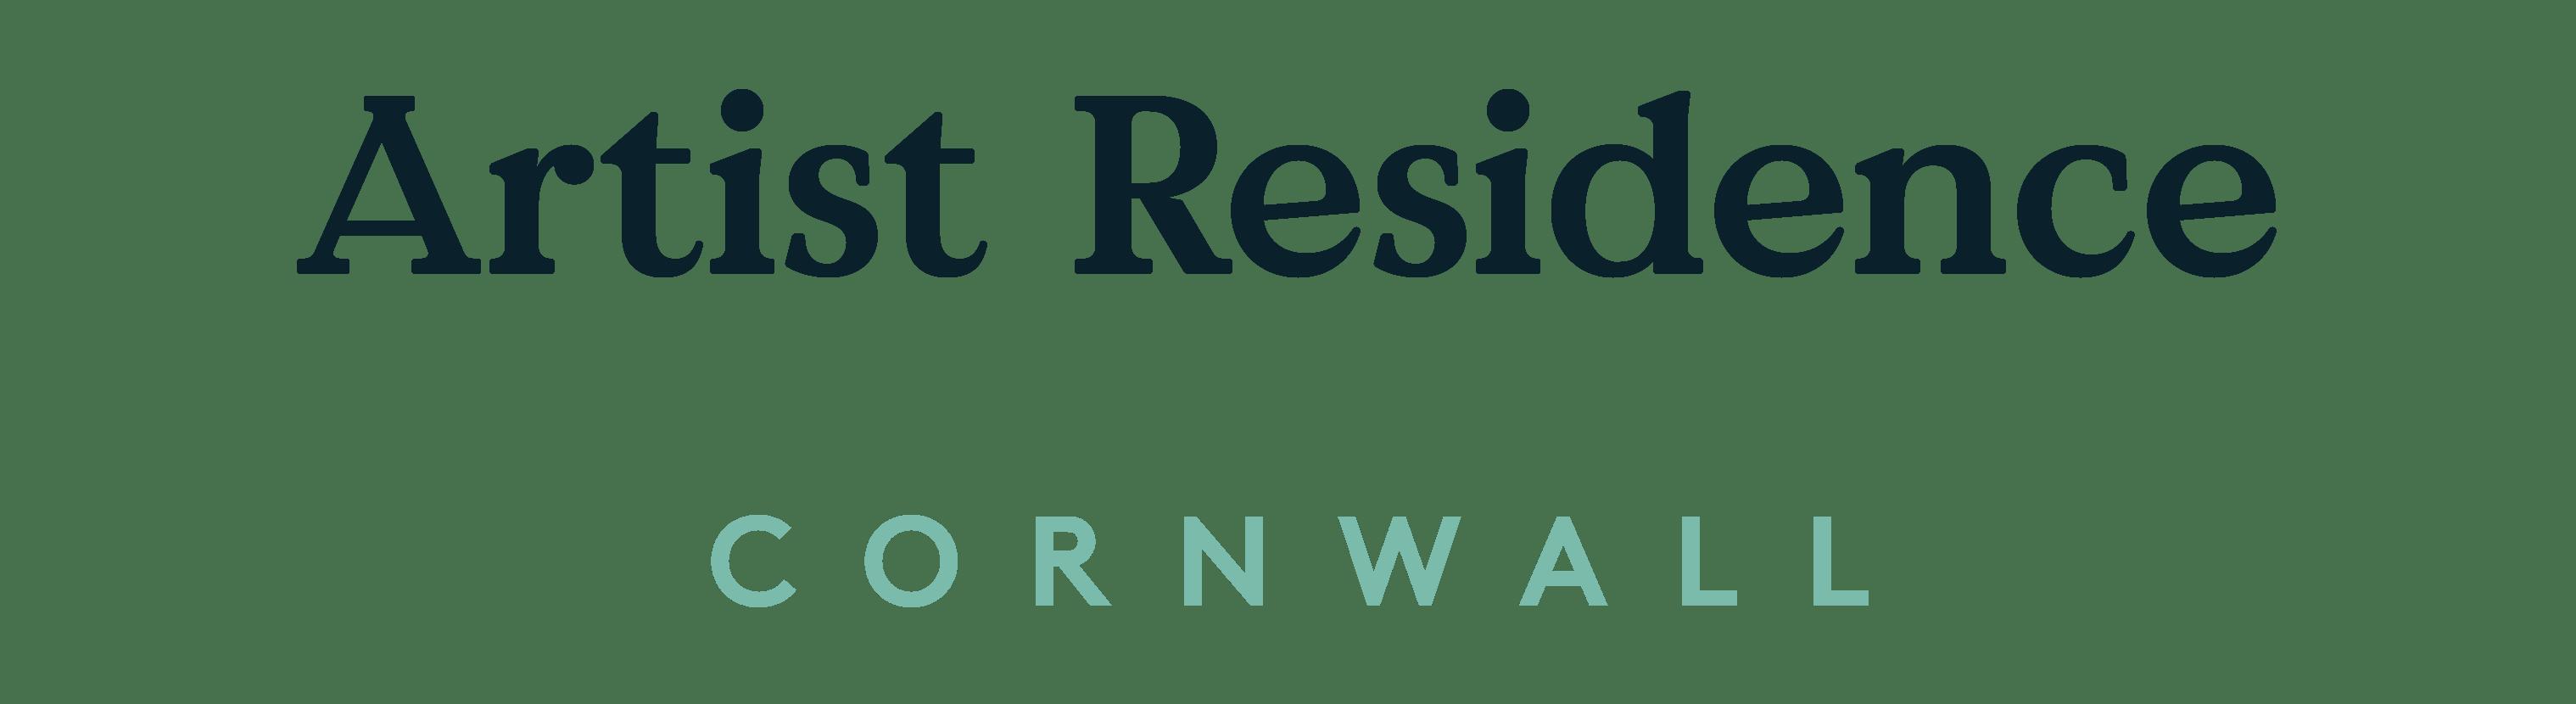 Artist Residence Logo - Artist Residence Penzance